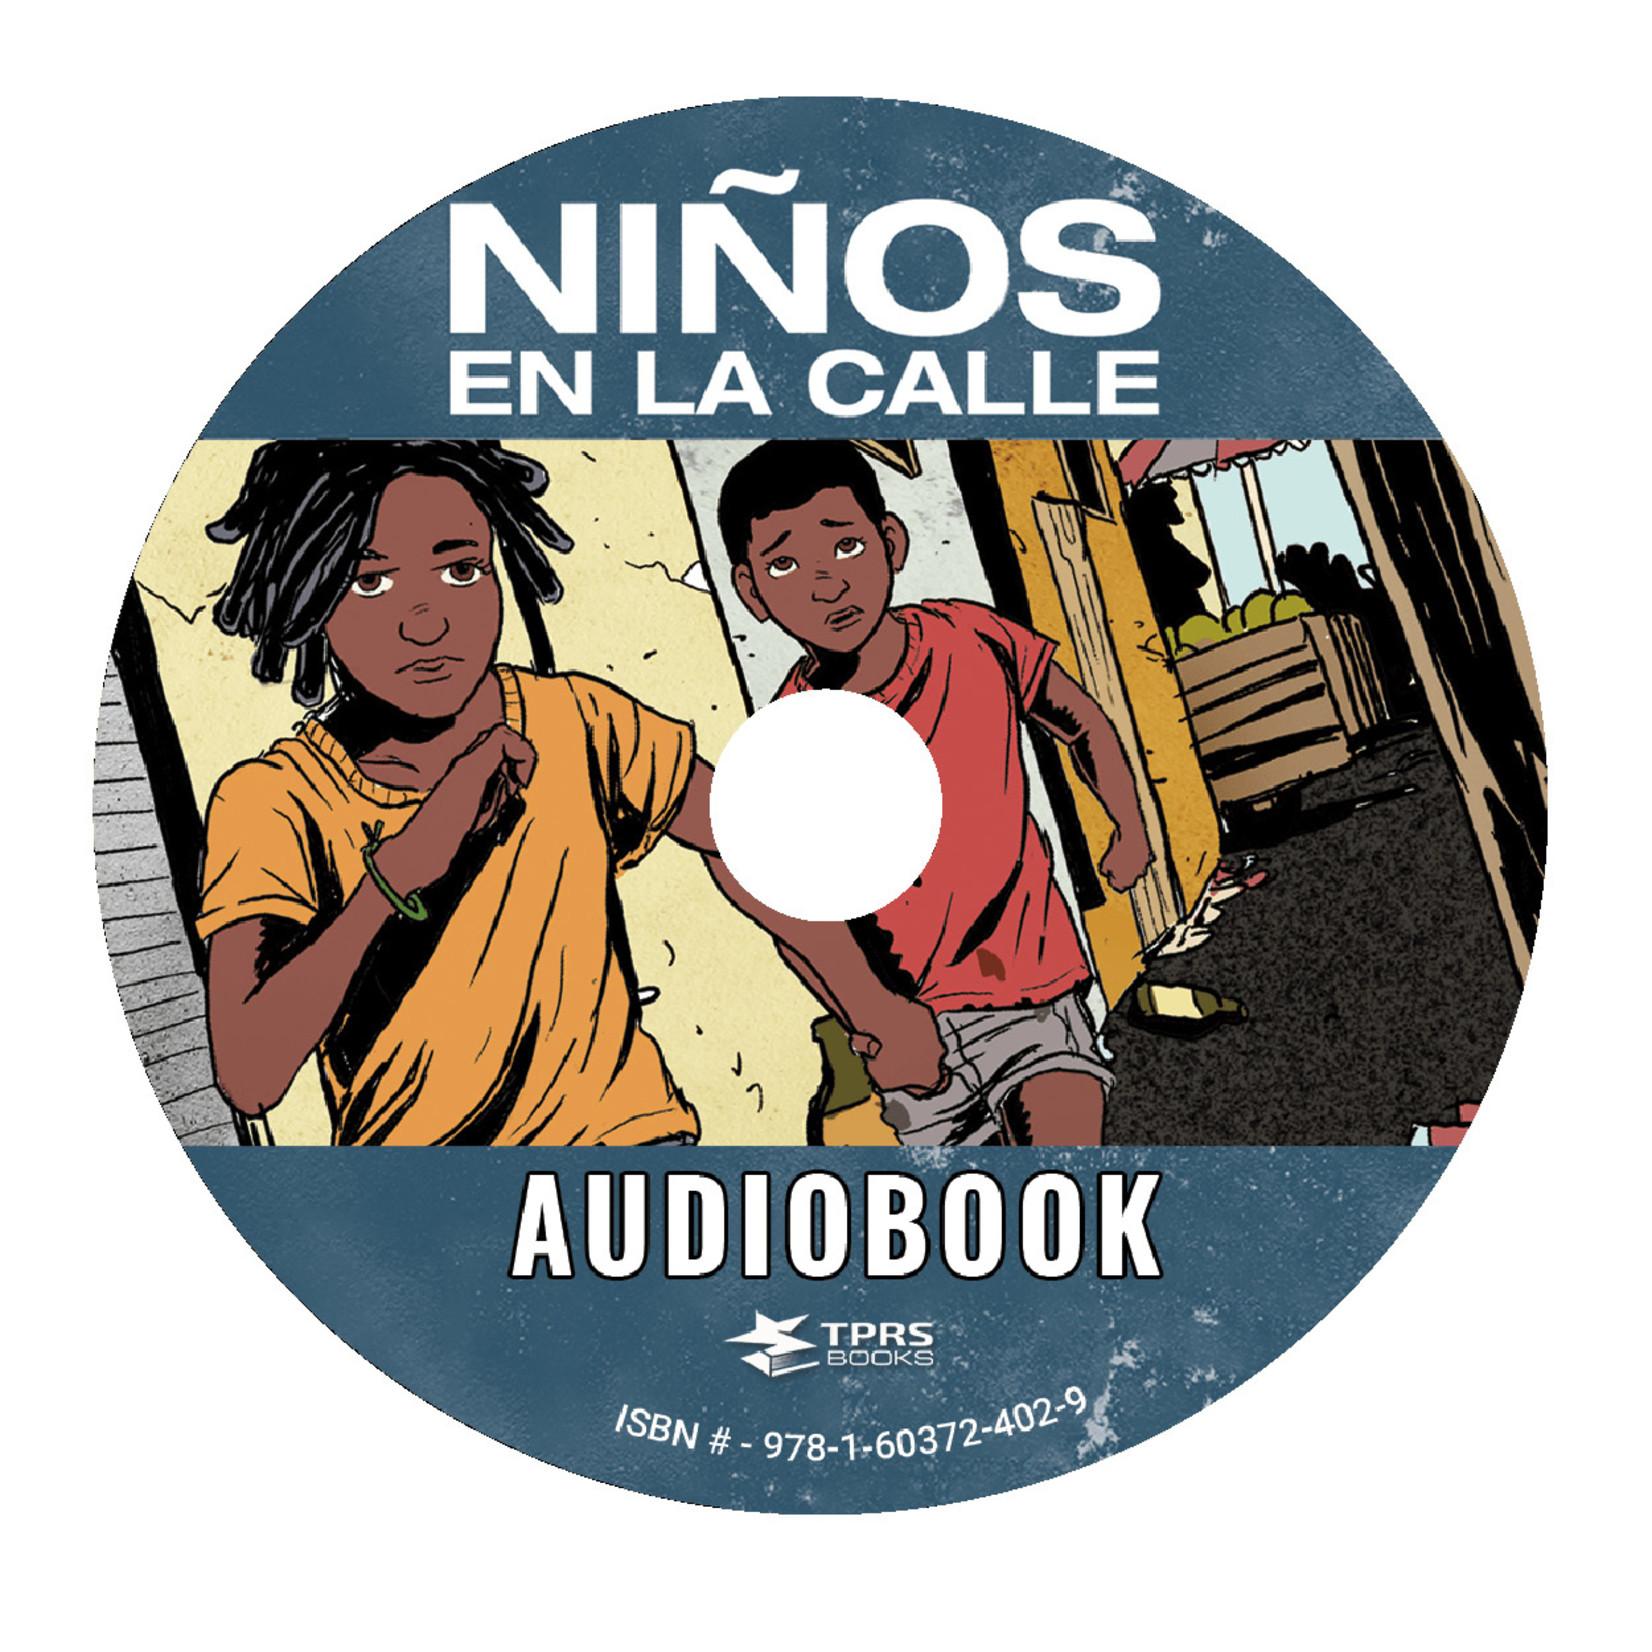 Chris Mercer Books Niños en la calle - Luisterboek